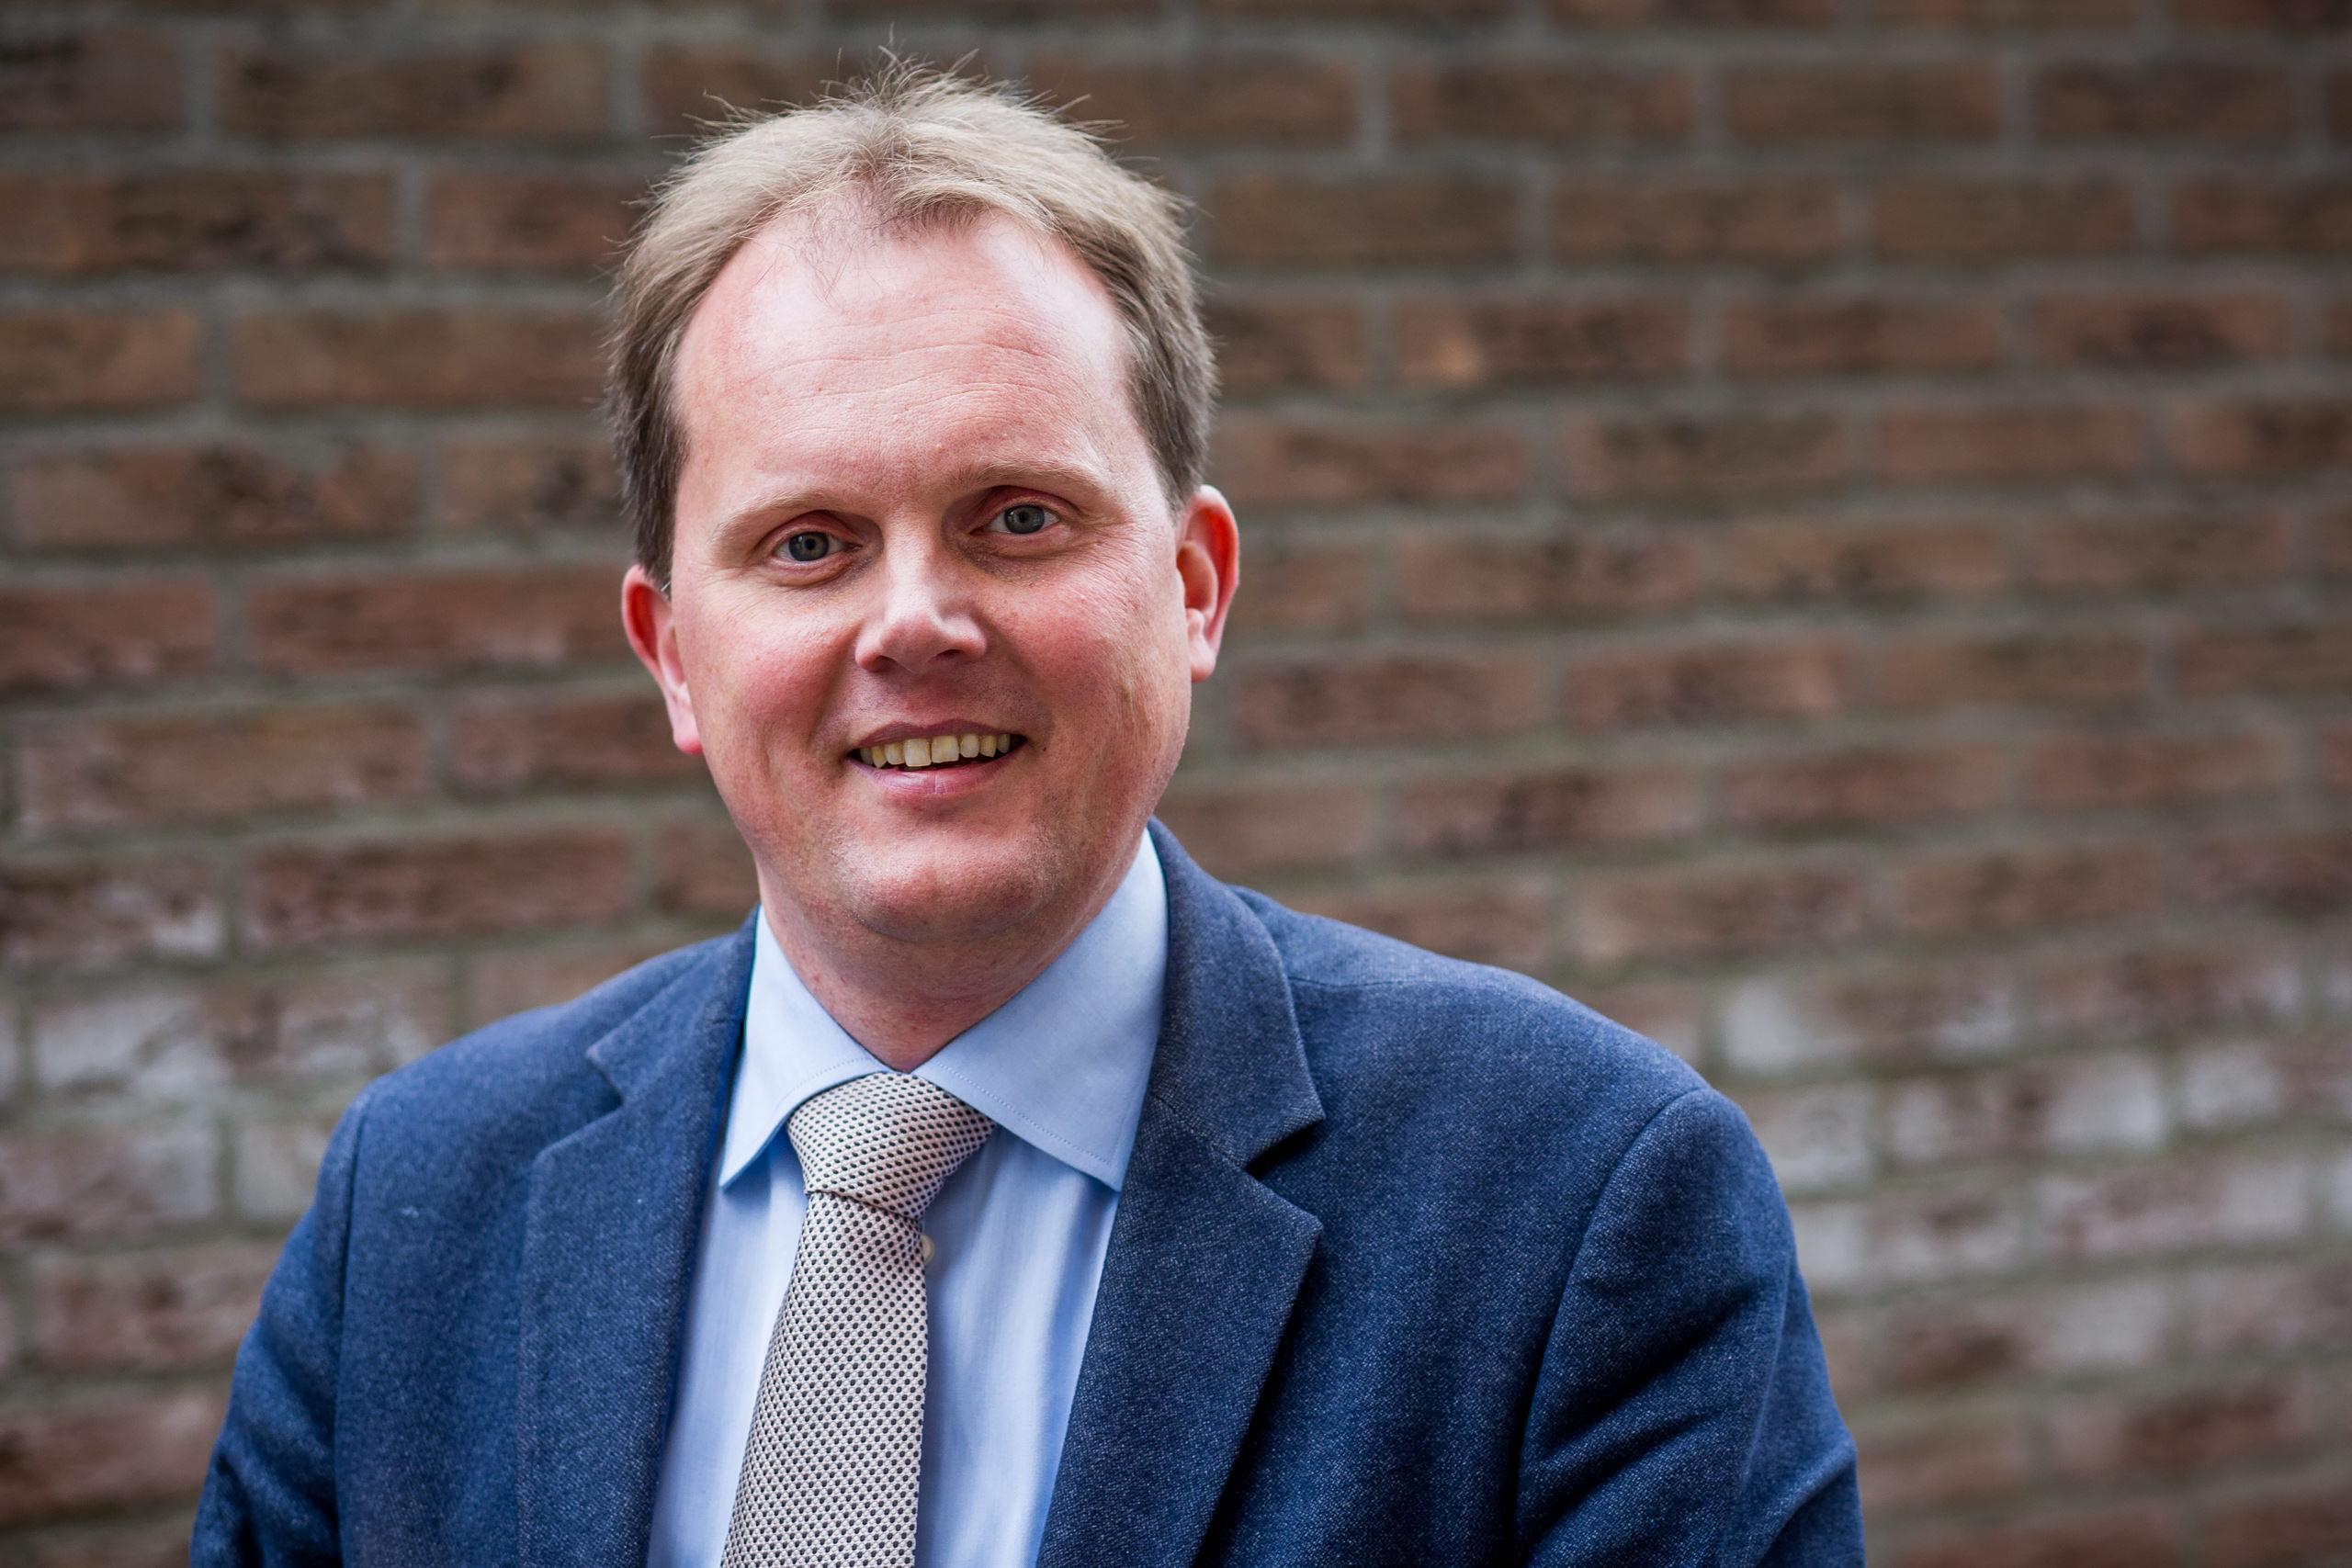 Niels den Hertog